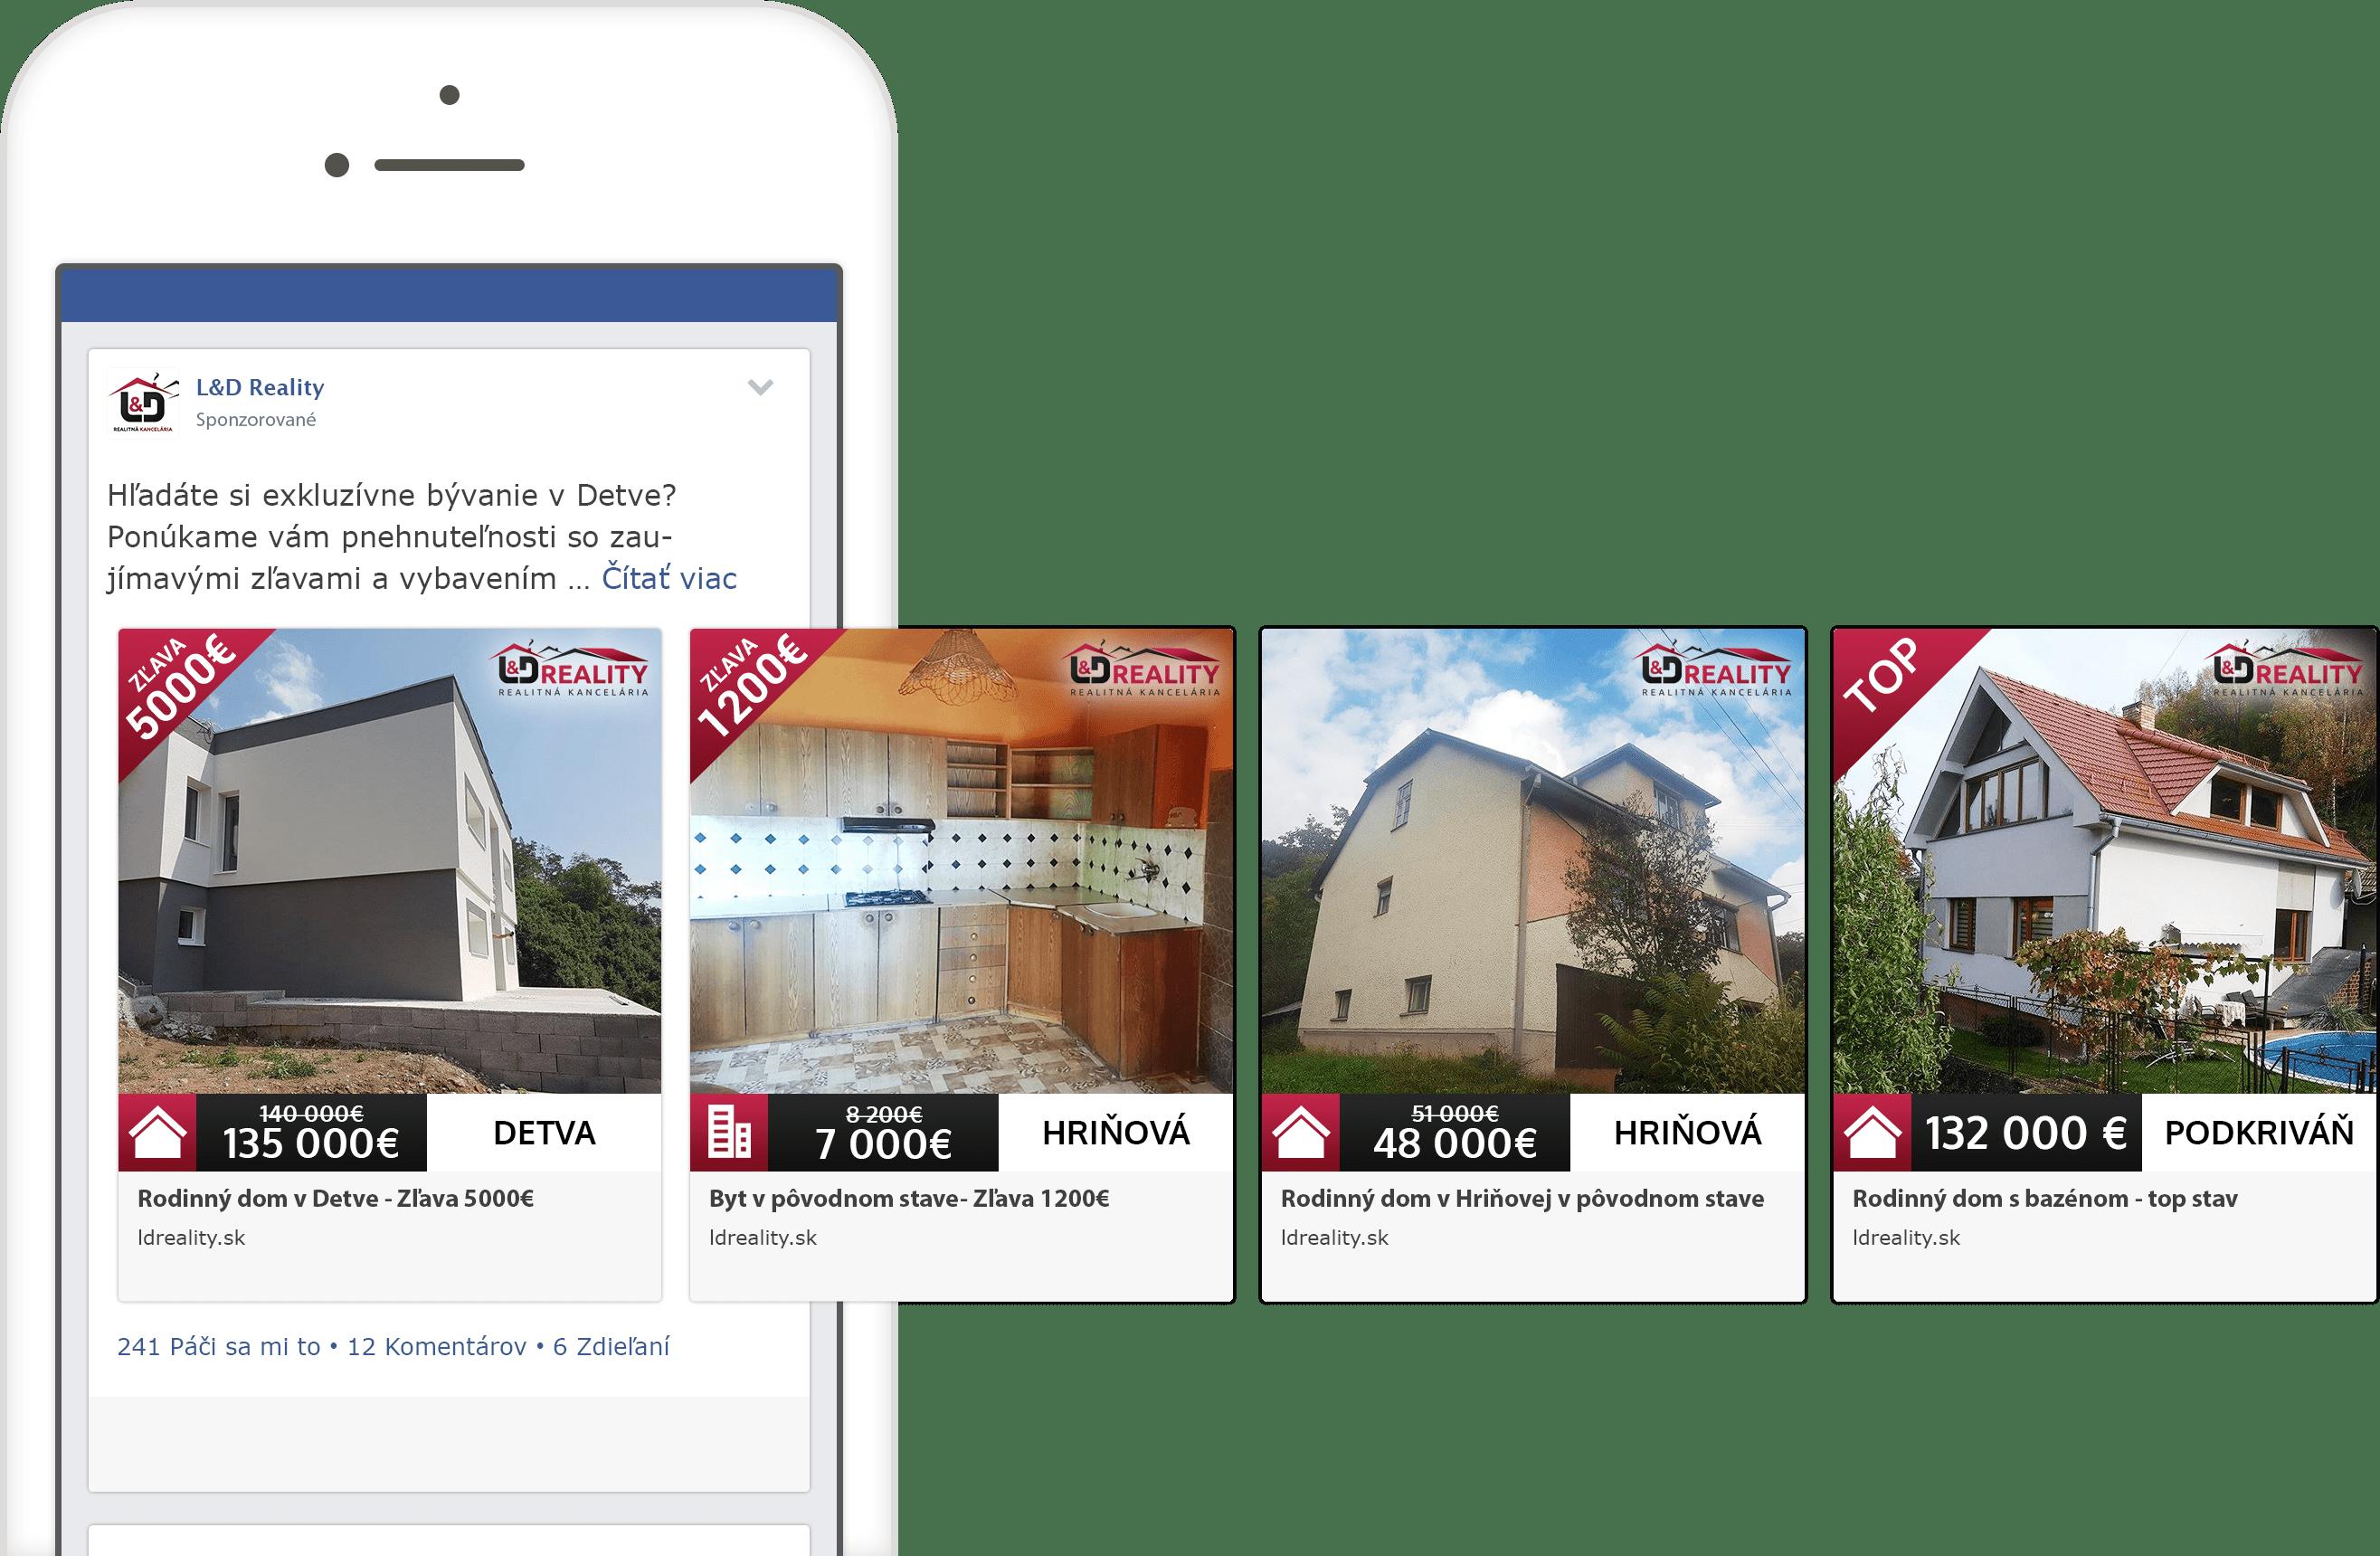 Facebook reklama spoločnosti LD Reality